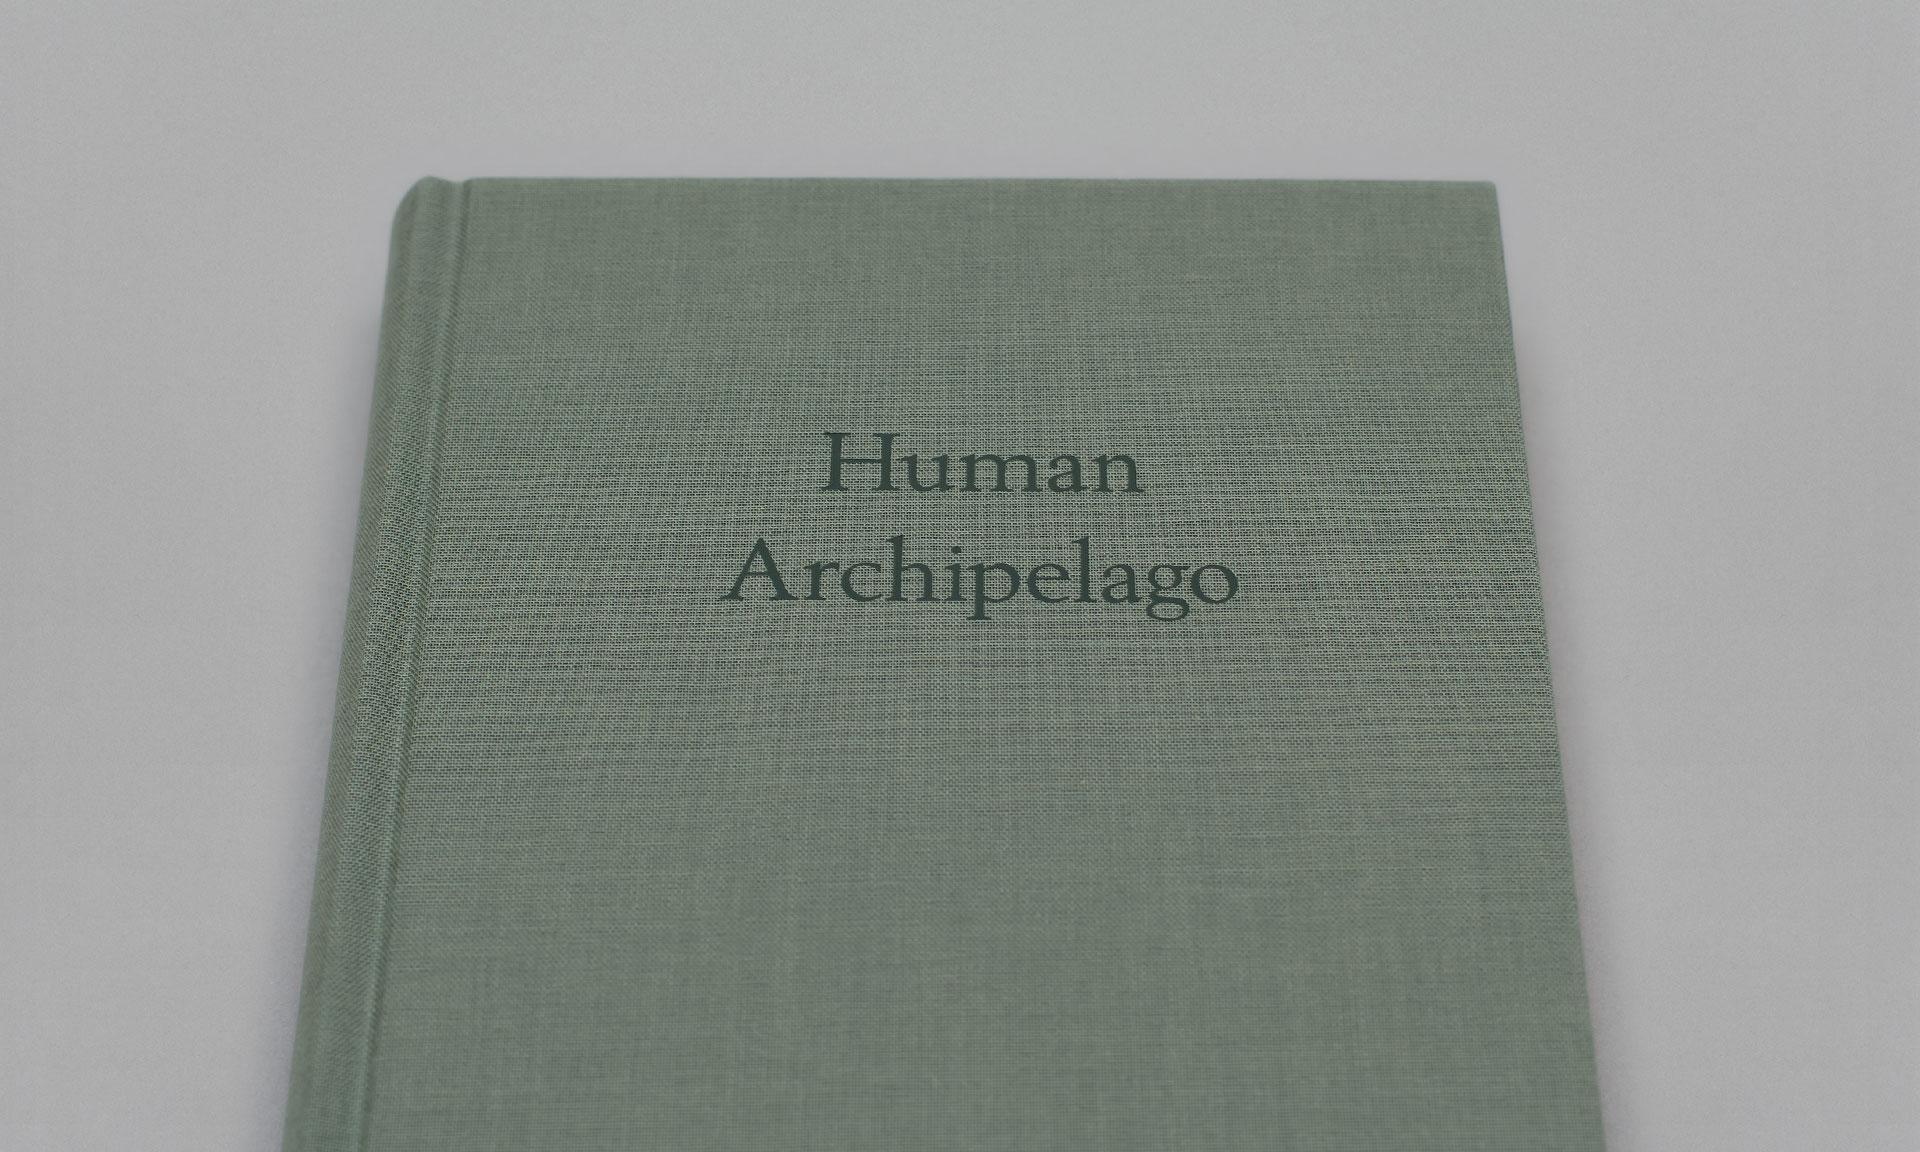 Sheikh_Archipelago_04